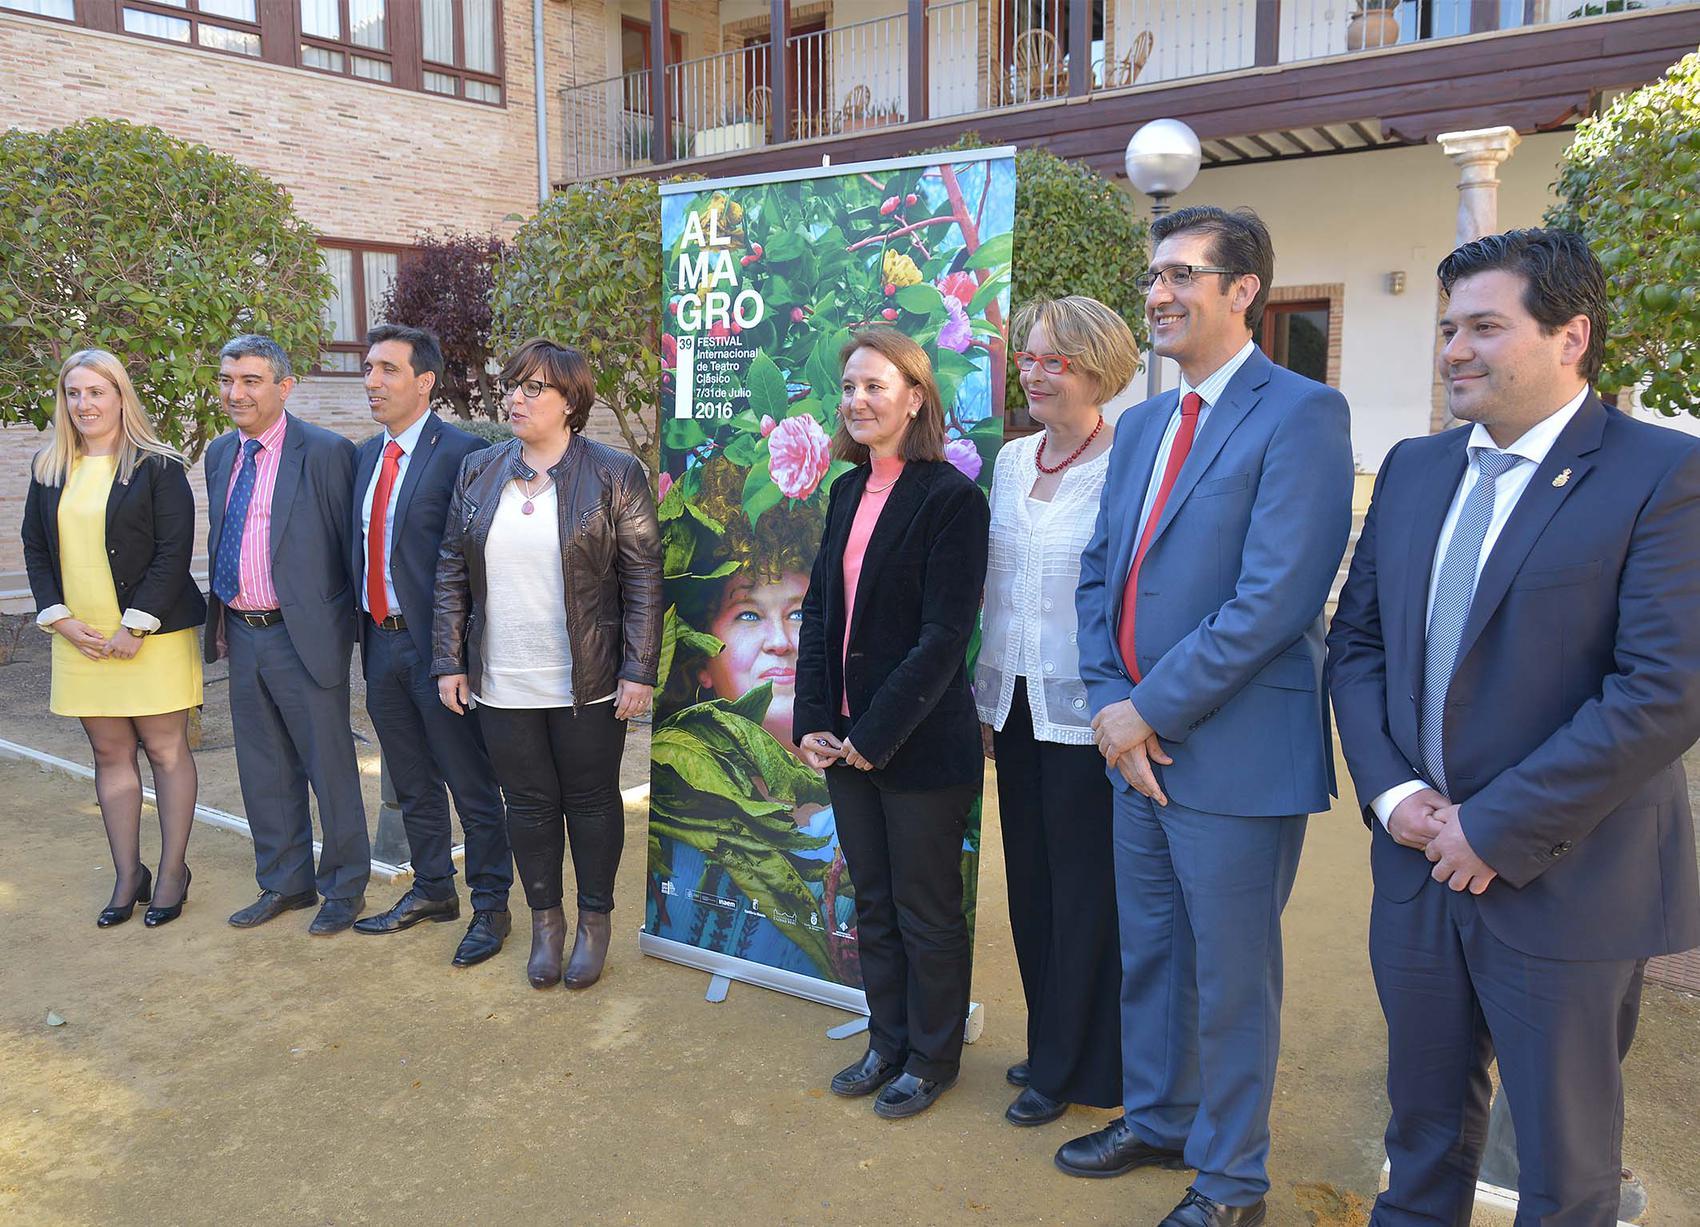 Presentación del 39 Festival de Teatro Clásico de Almagro